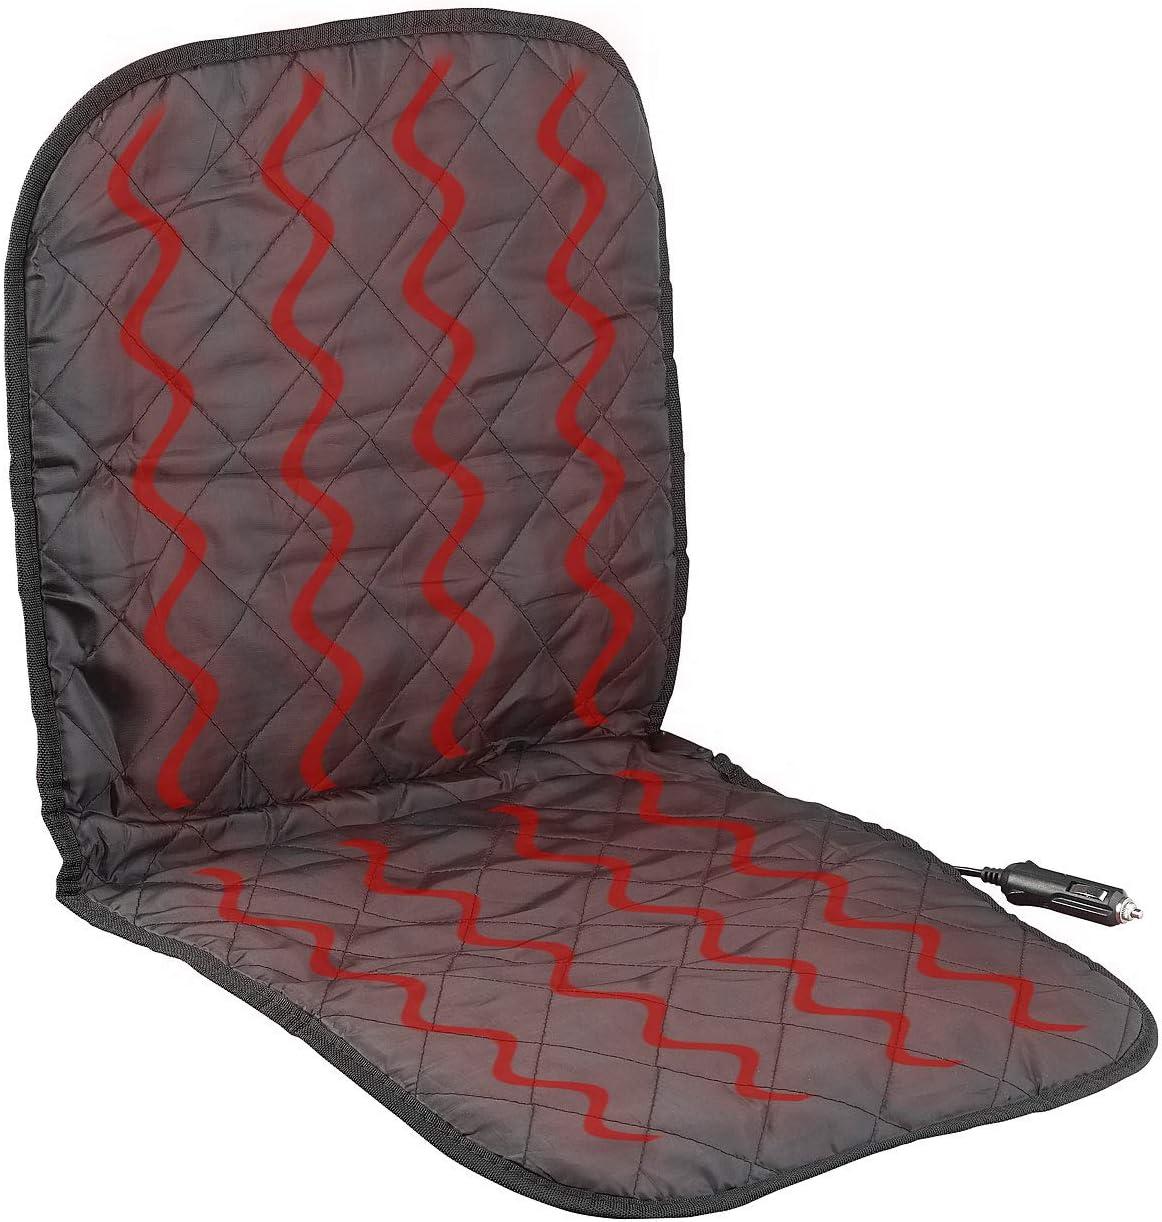 Lescars Almohadilla para asiento de coche: Funda de asiento de vehículo universal con calefacción para la conexión de 12 voltios (Calentable Forro de asiento)